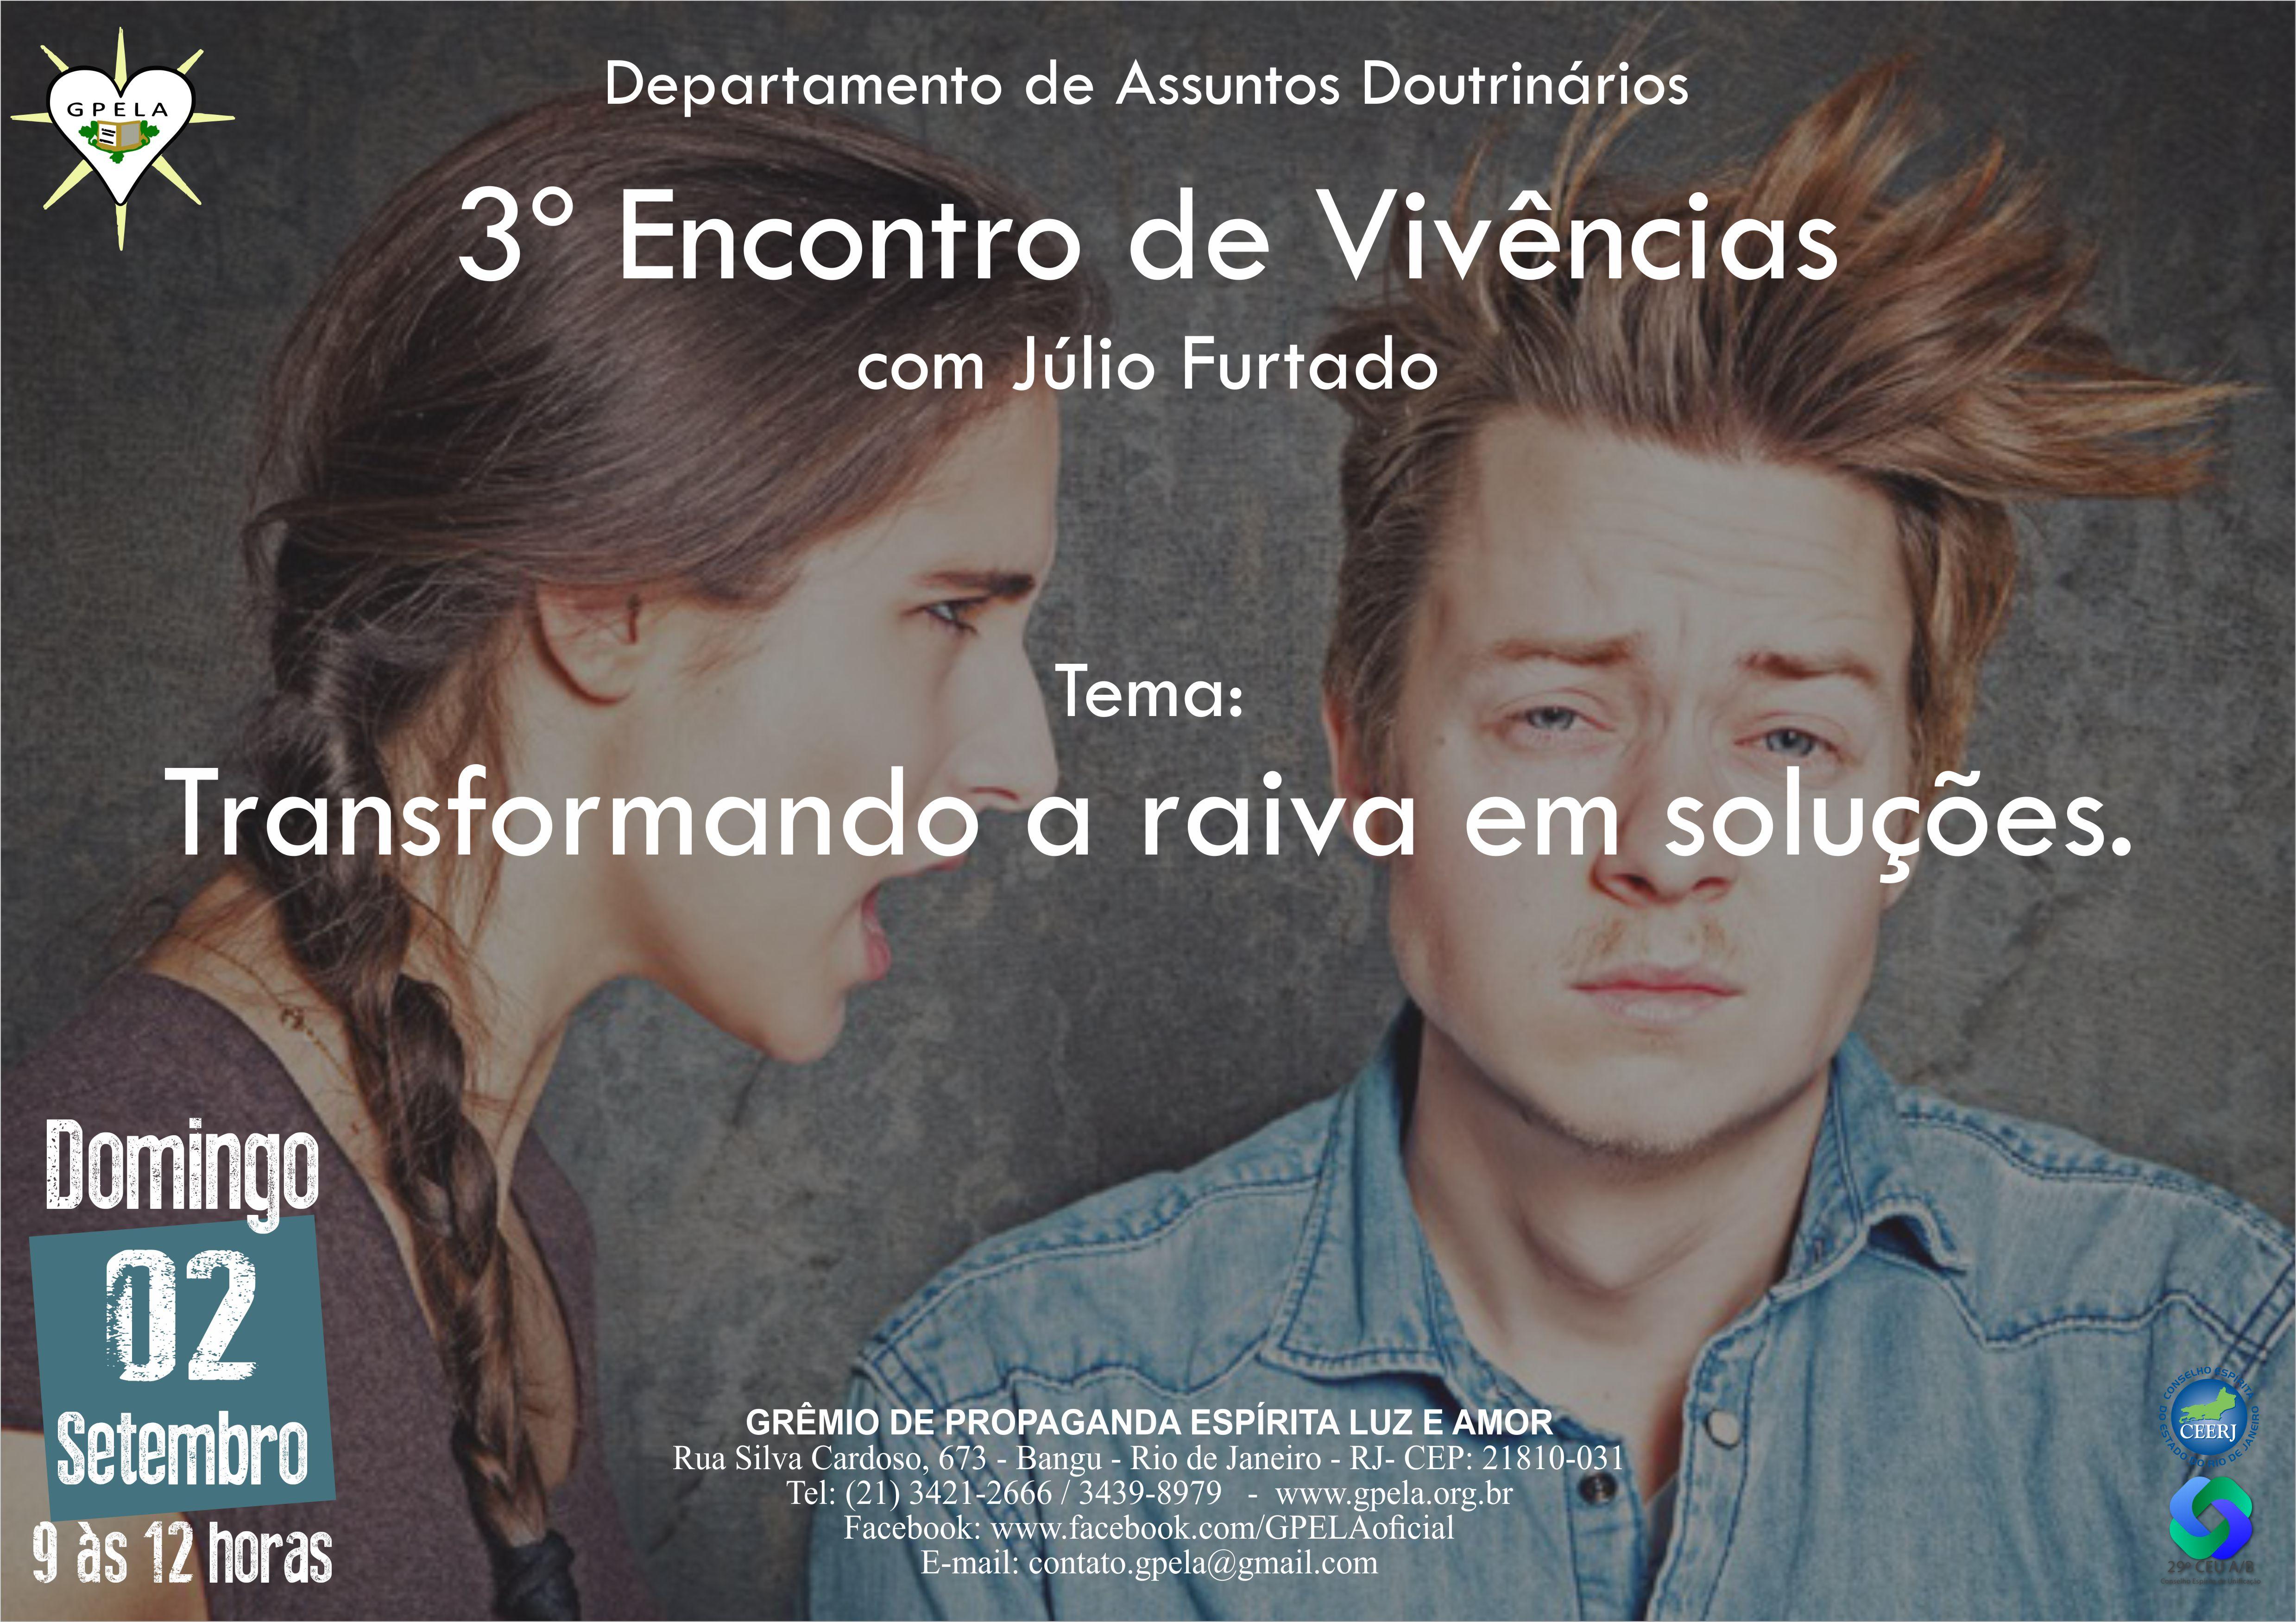 02/09/18 – 3º Encontro de Vivências com Júlio Furtado